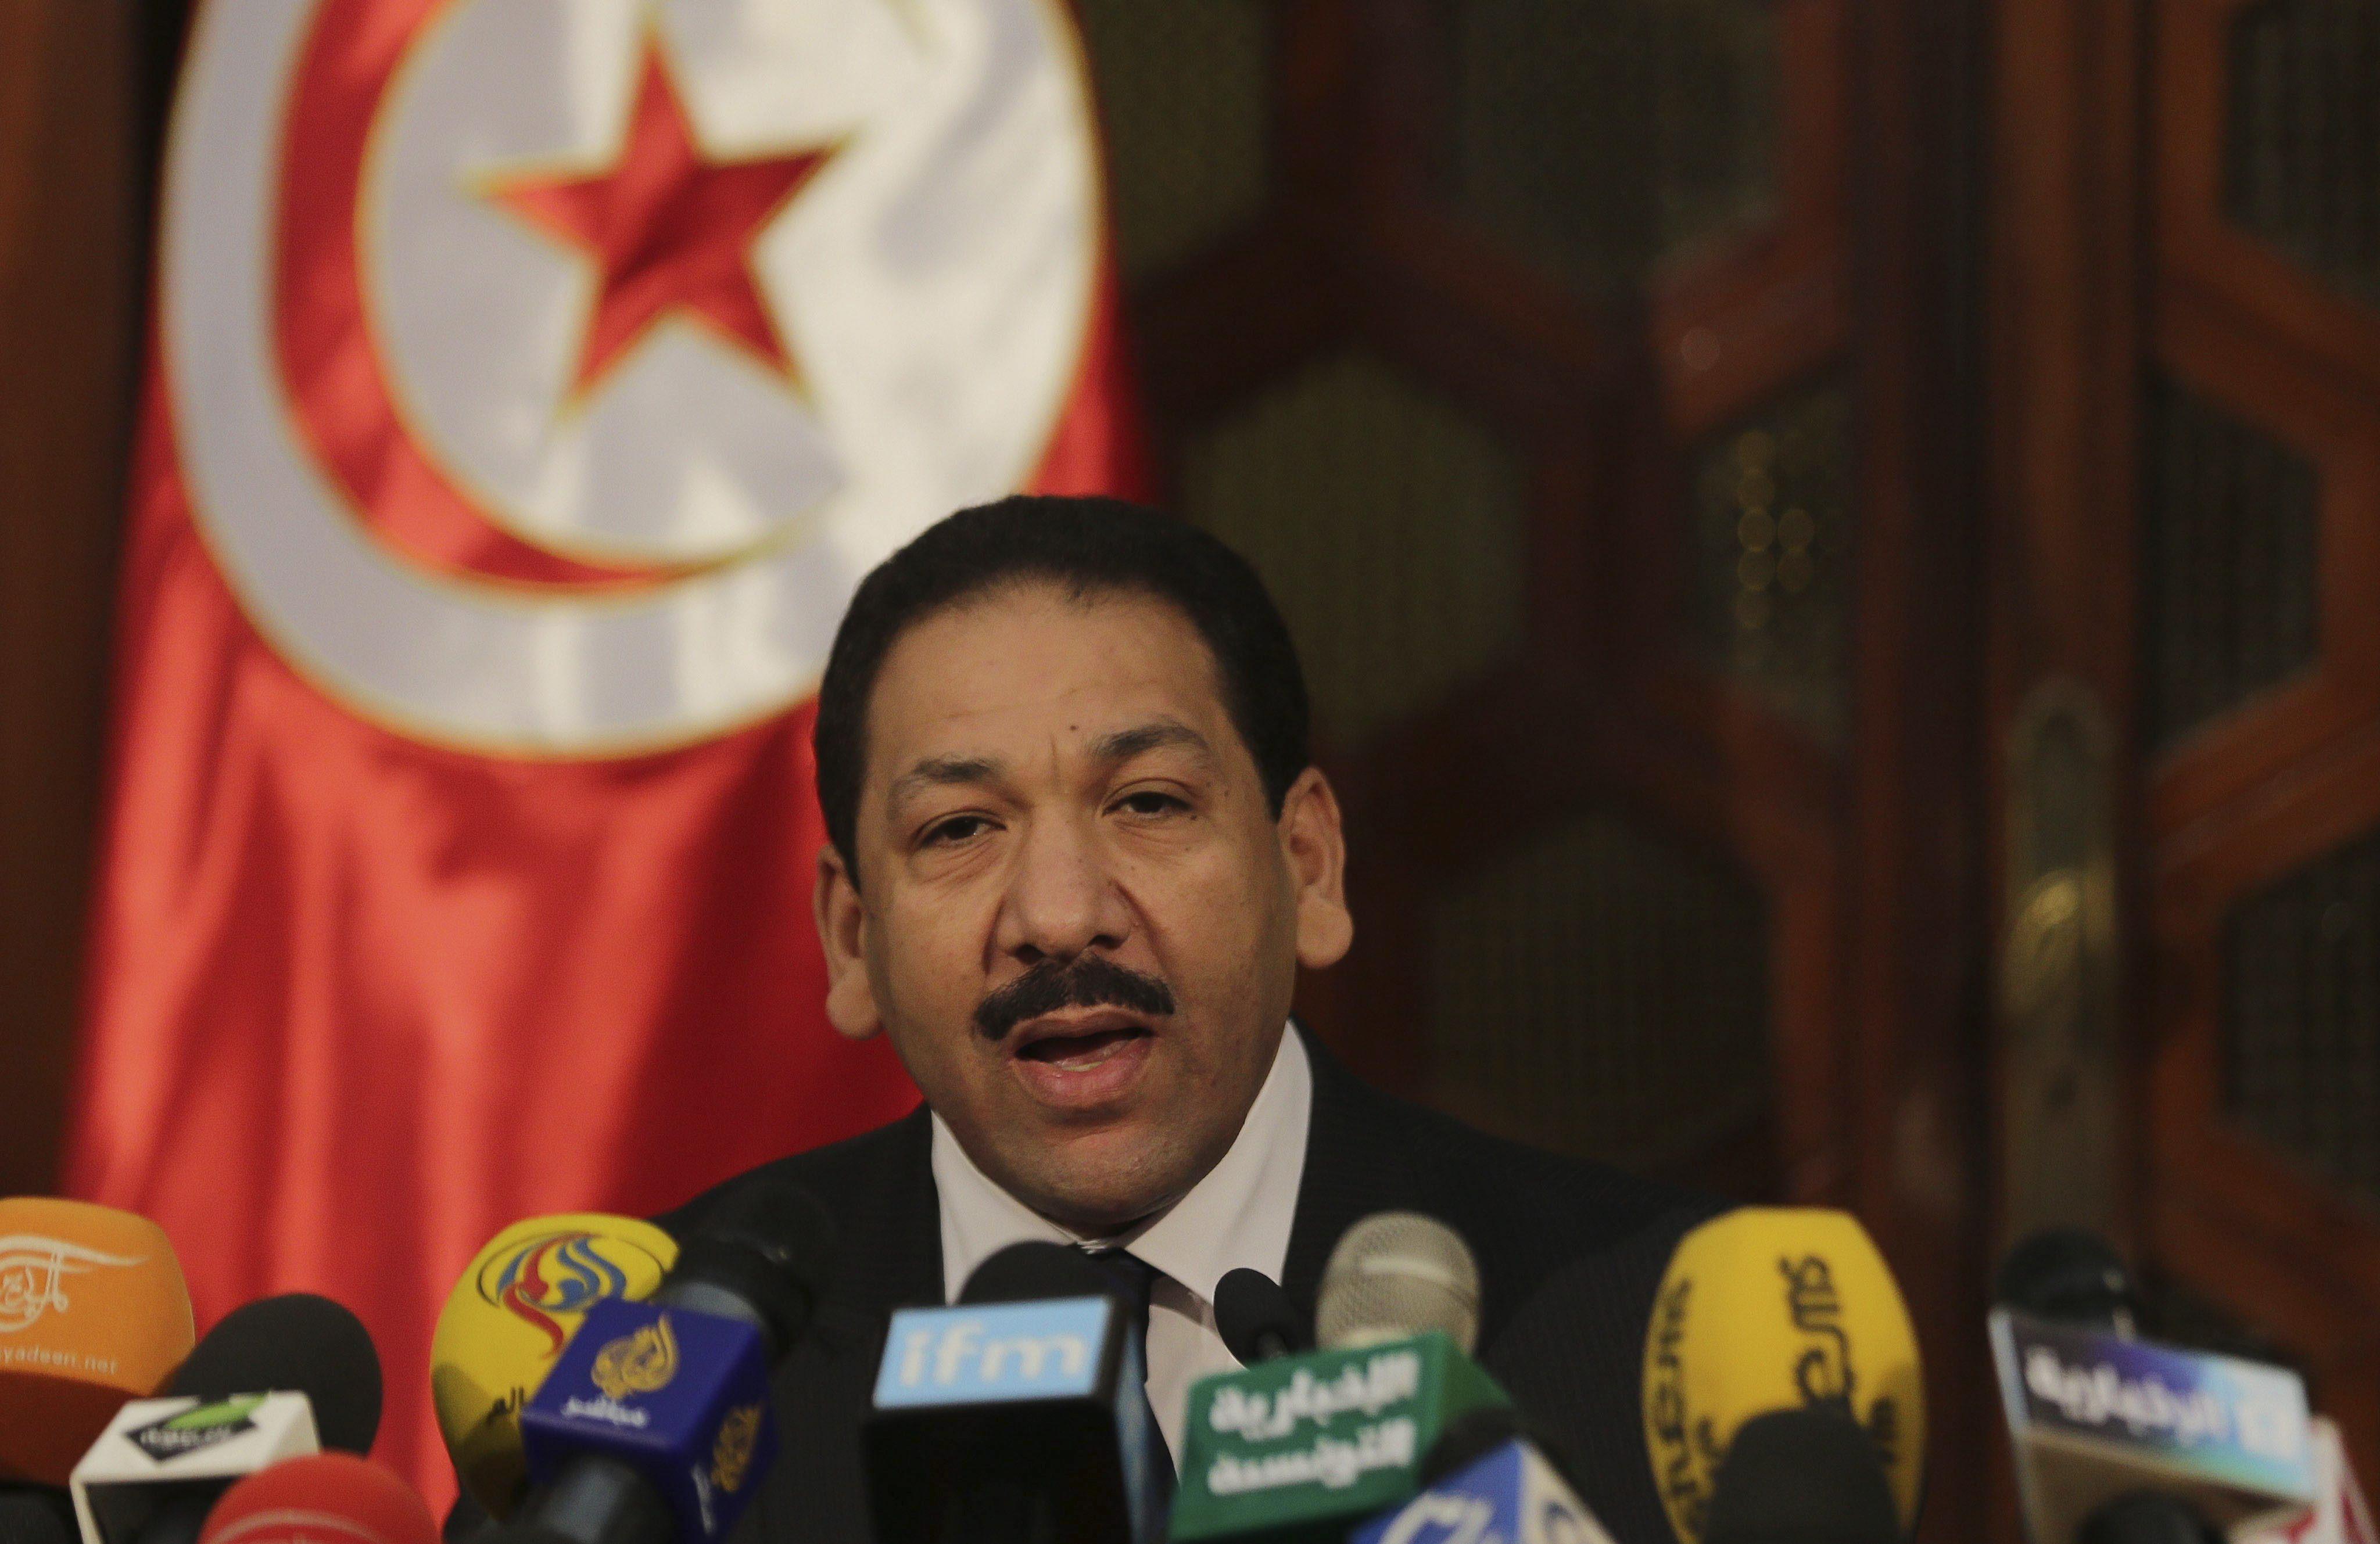 El partido islamista Al Nahda acepta el dialogo para salir de la crisis